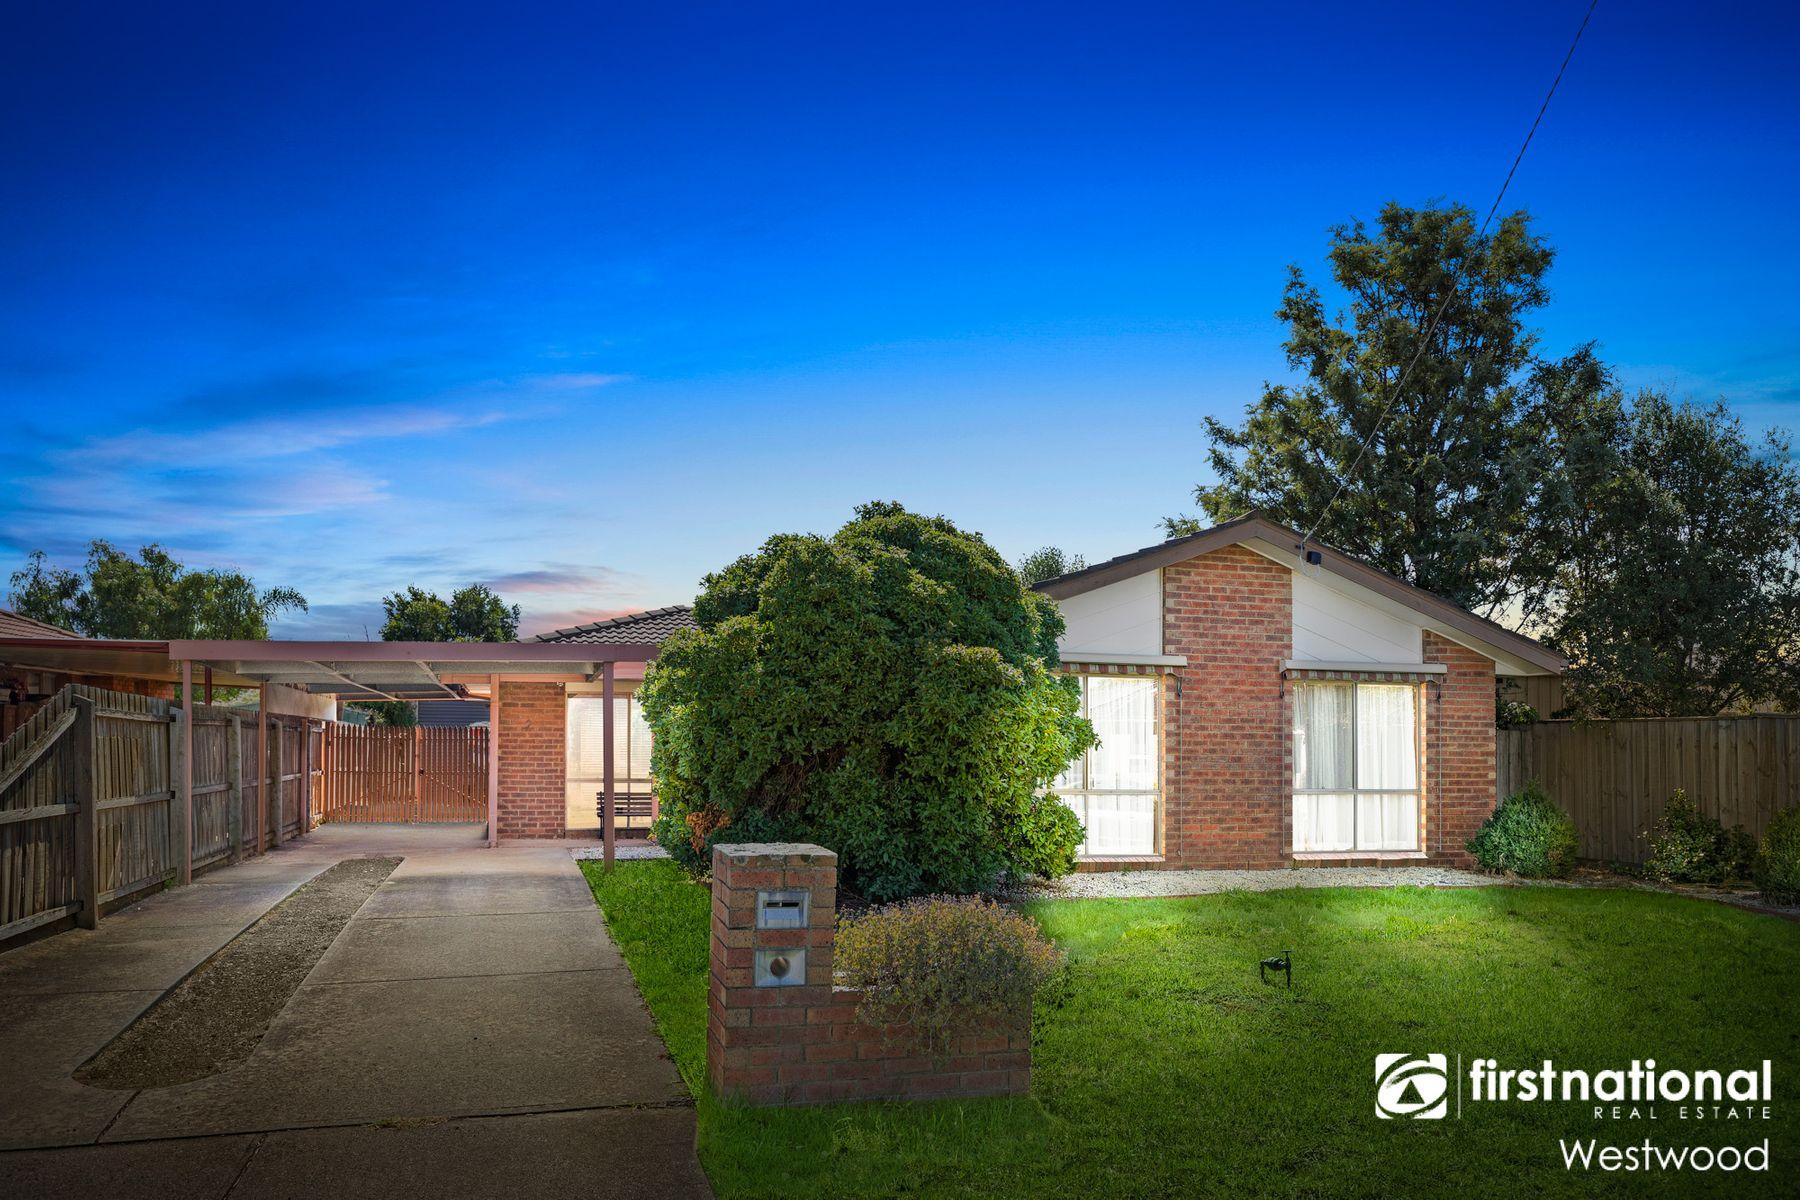 2 Kimberley Road, Werribee, VIC 3030